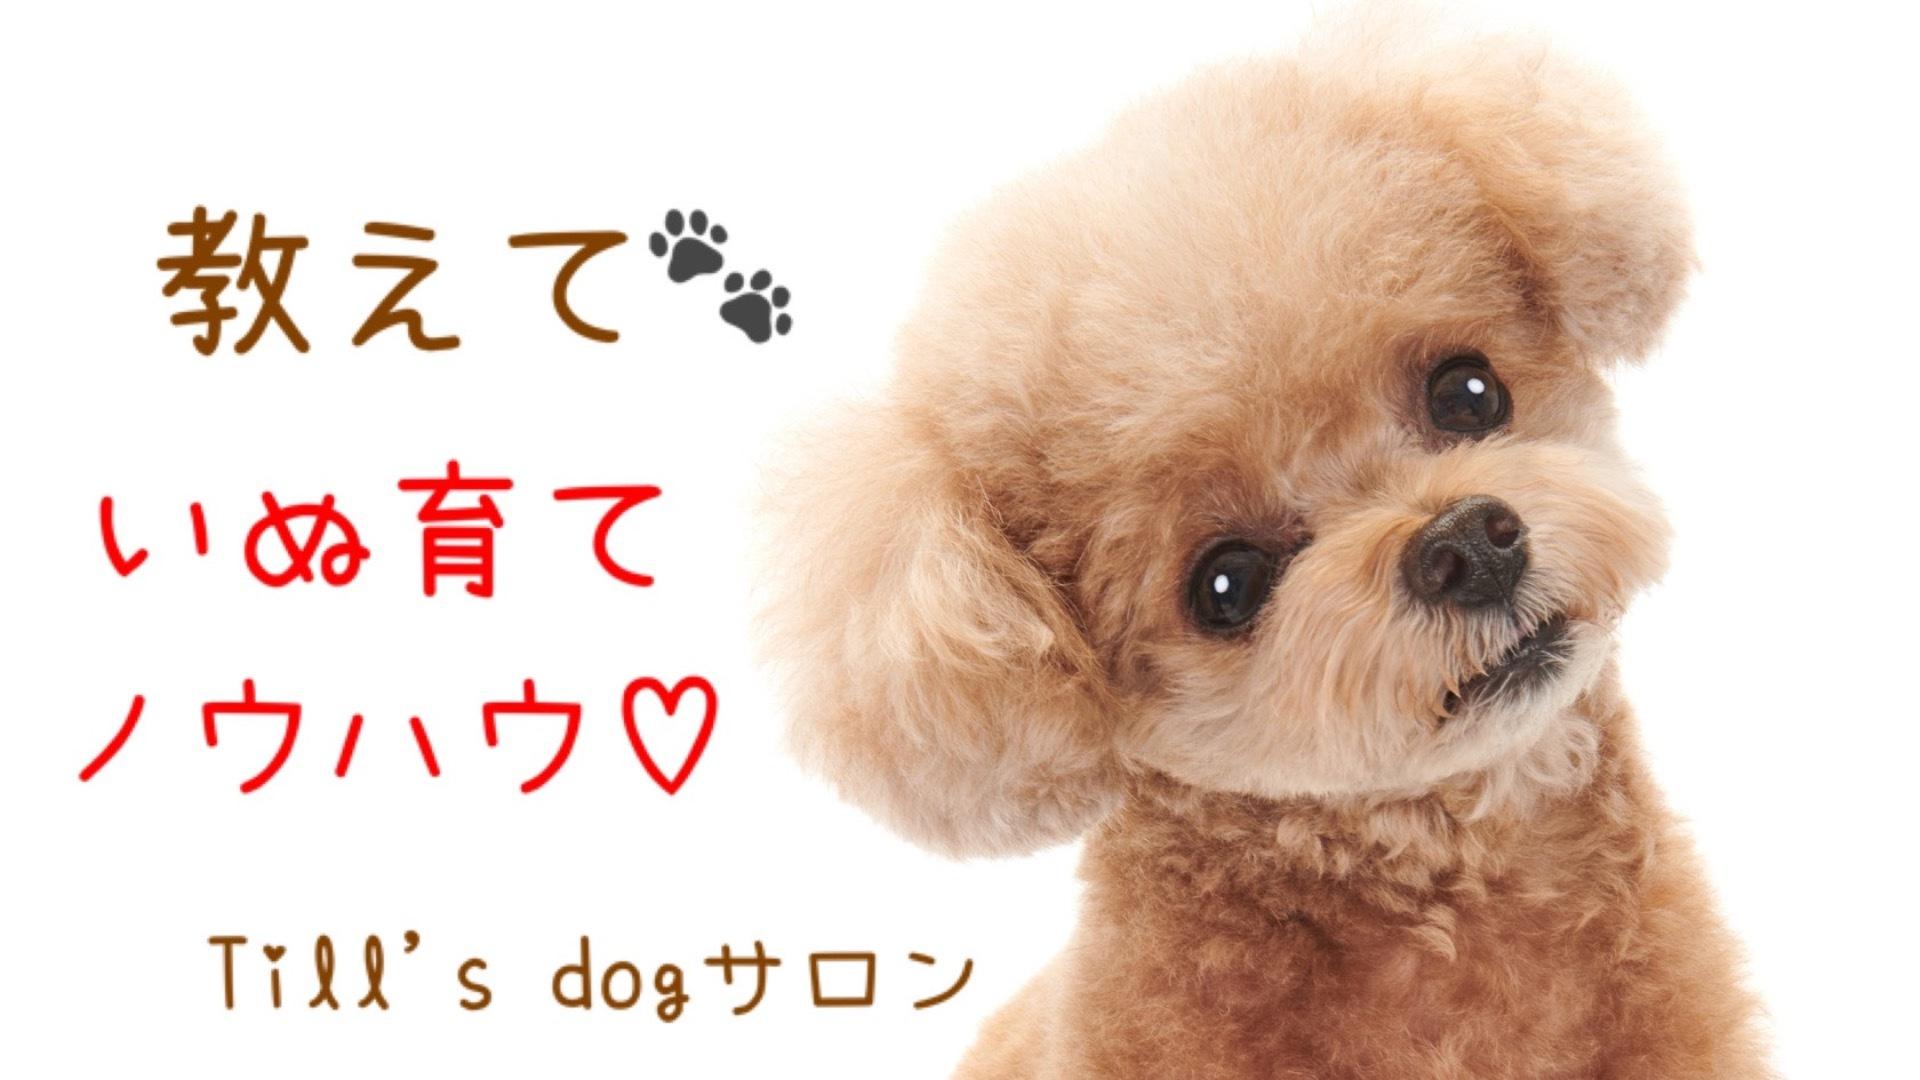 教えて☆いぬ育てノウハウ♡ Till's dogサロン